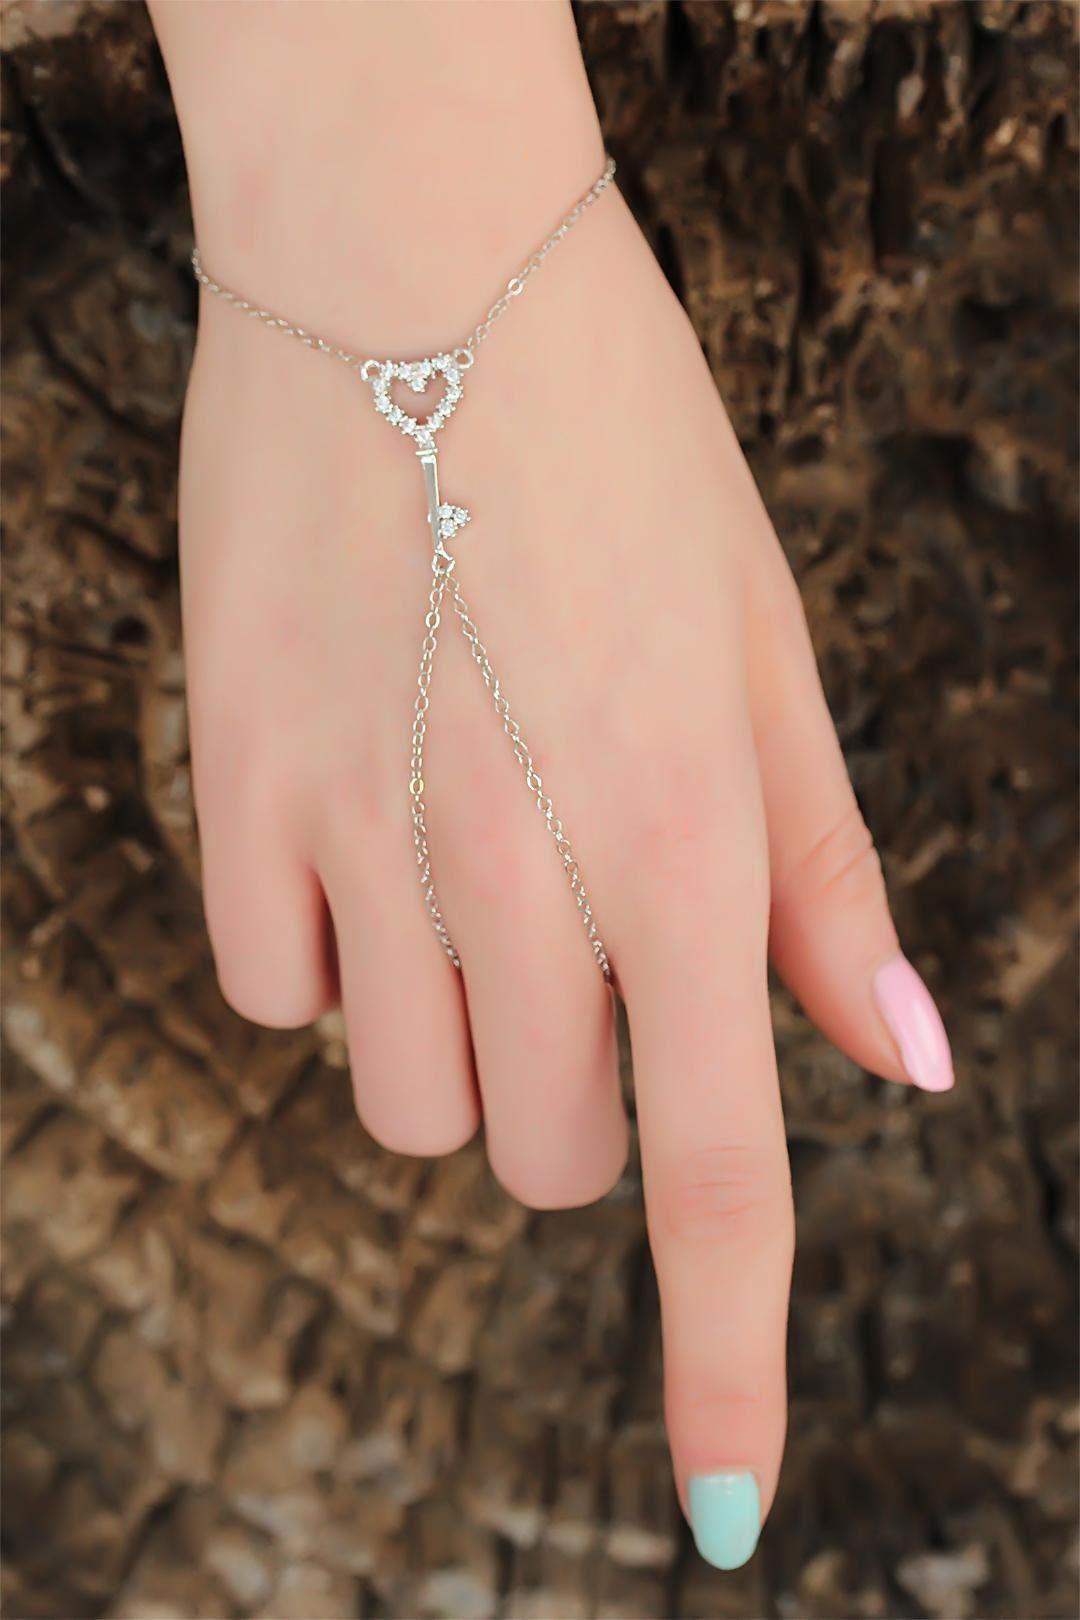 Silver Renk Zirkon Taşlı Anahtarlı Kalp Figürlü Şahmeran Bileklik